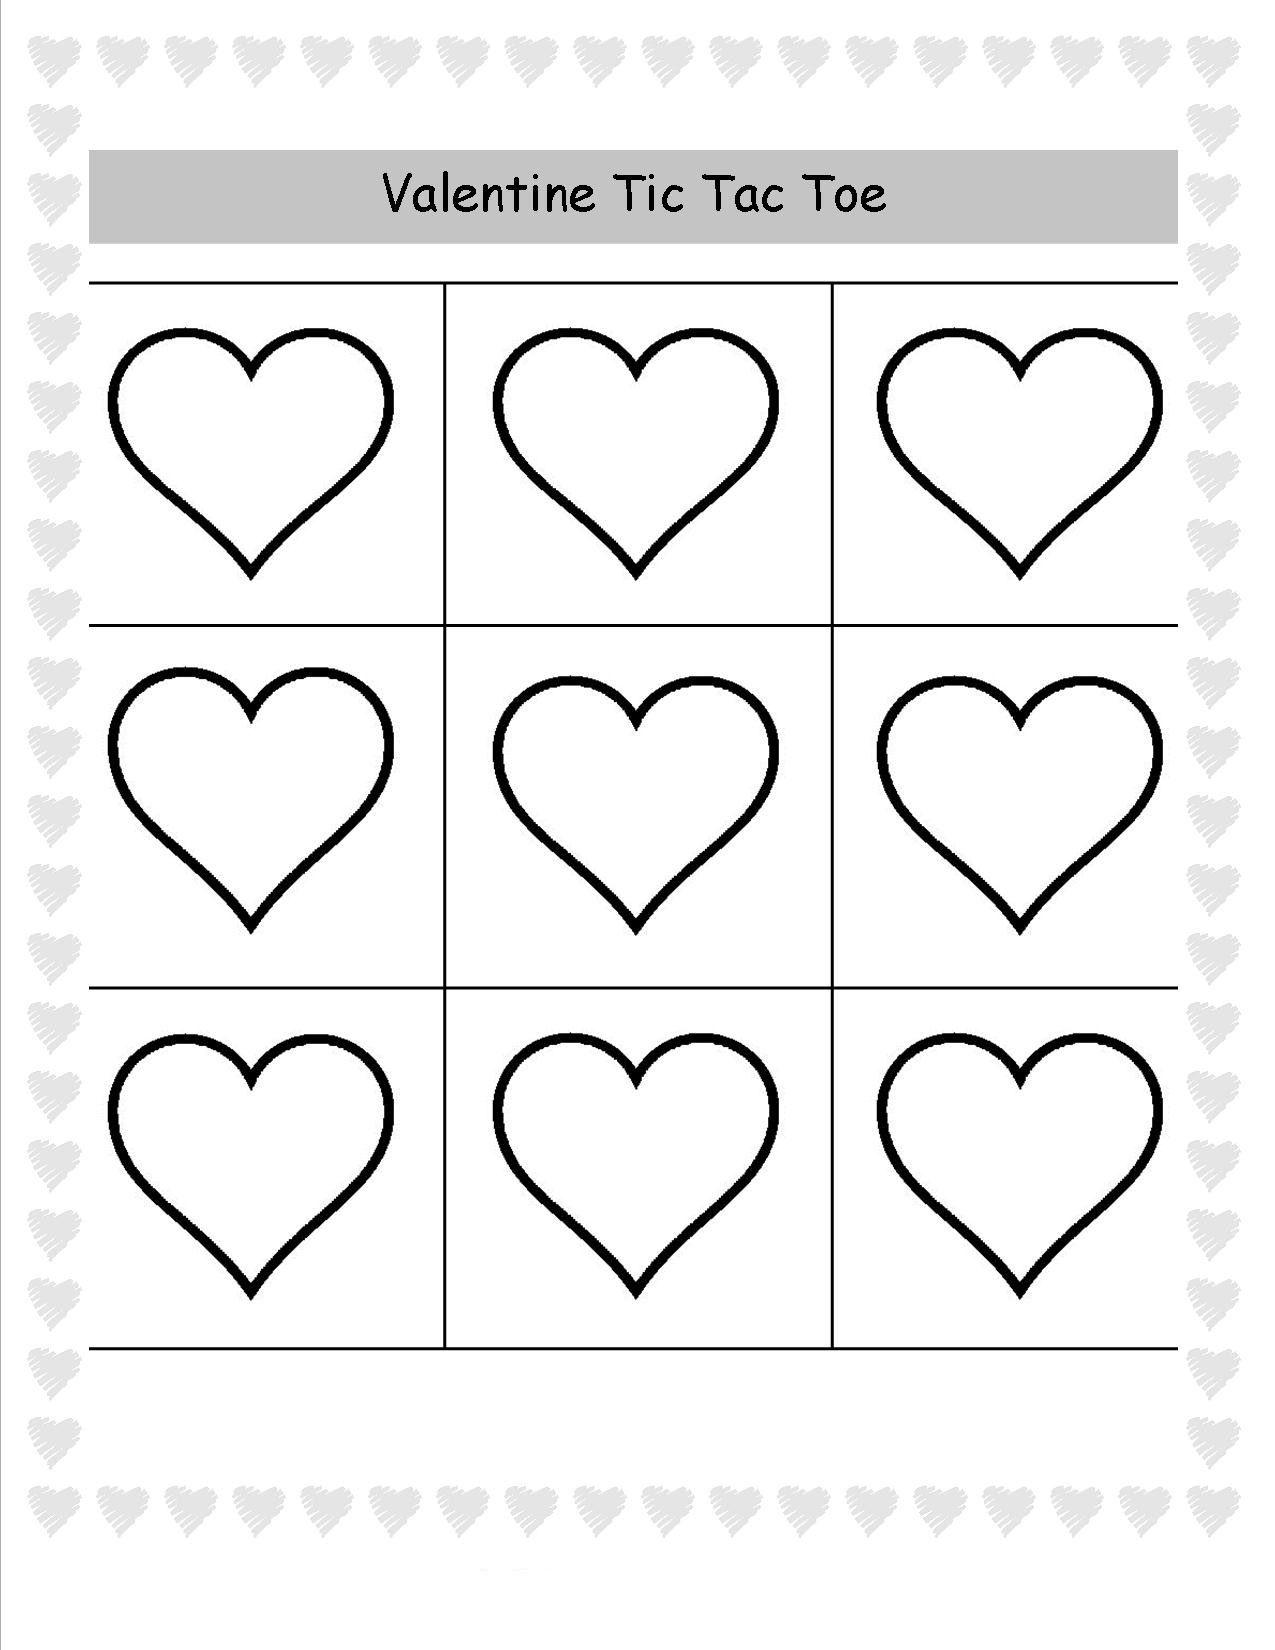 Pin By Zaneta Hrubesova On Valentine Valentine Worksheets Kindergarten Worksheets Printable Kindergarten Valentines [ 1650 x 1275 Pixel ]